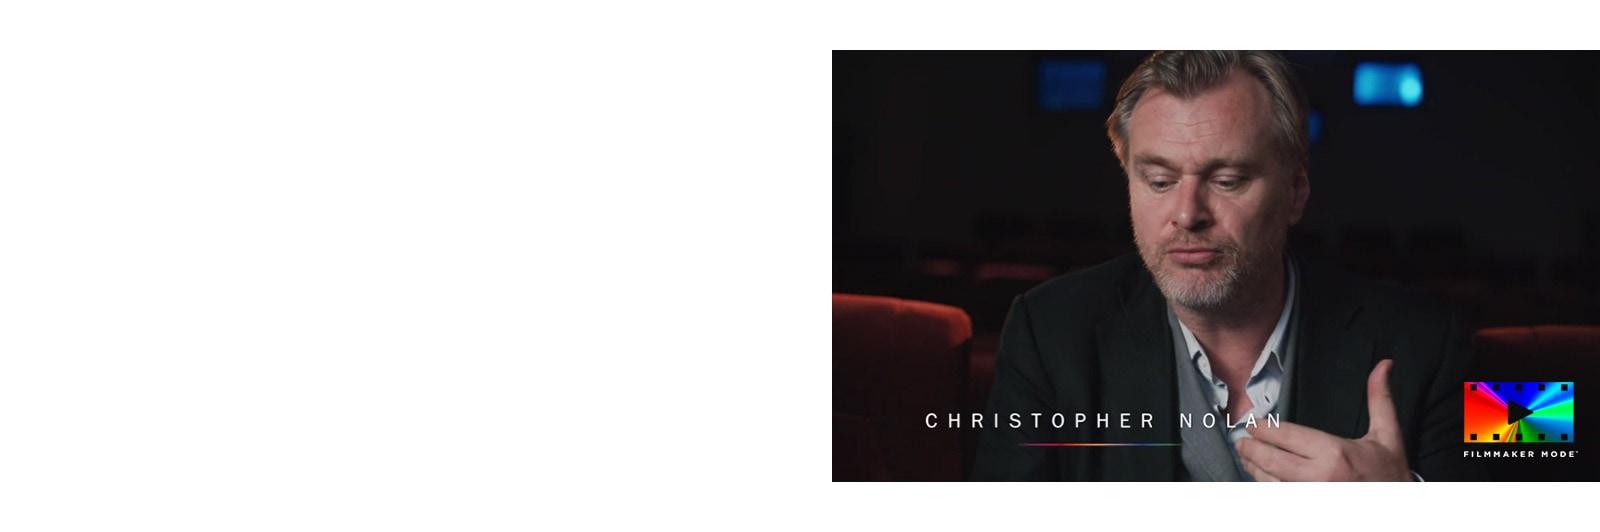 Video di un'intervista a Christopher Nolan